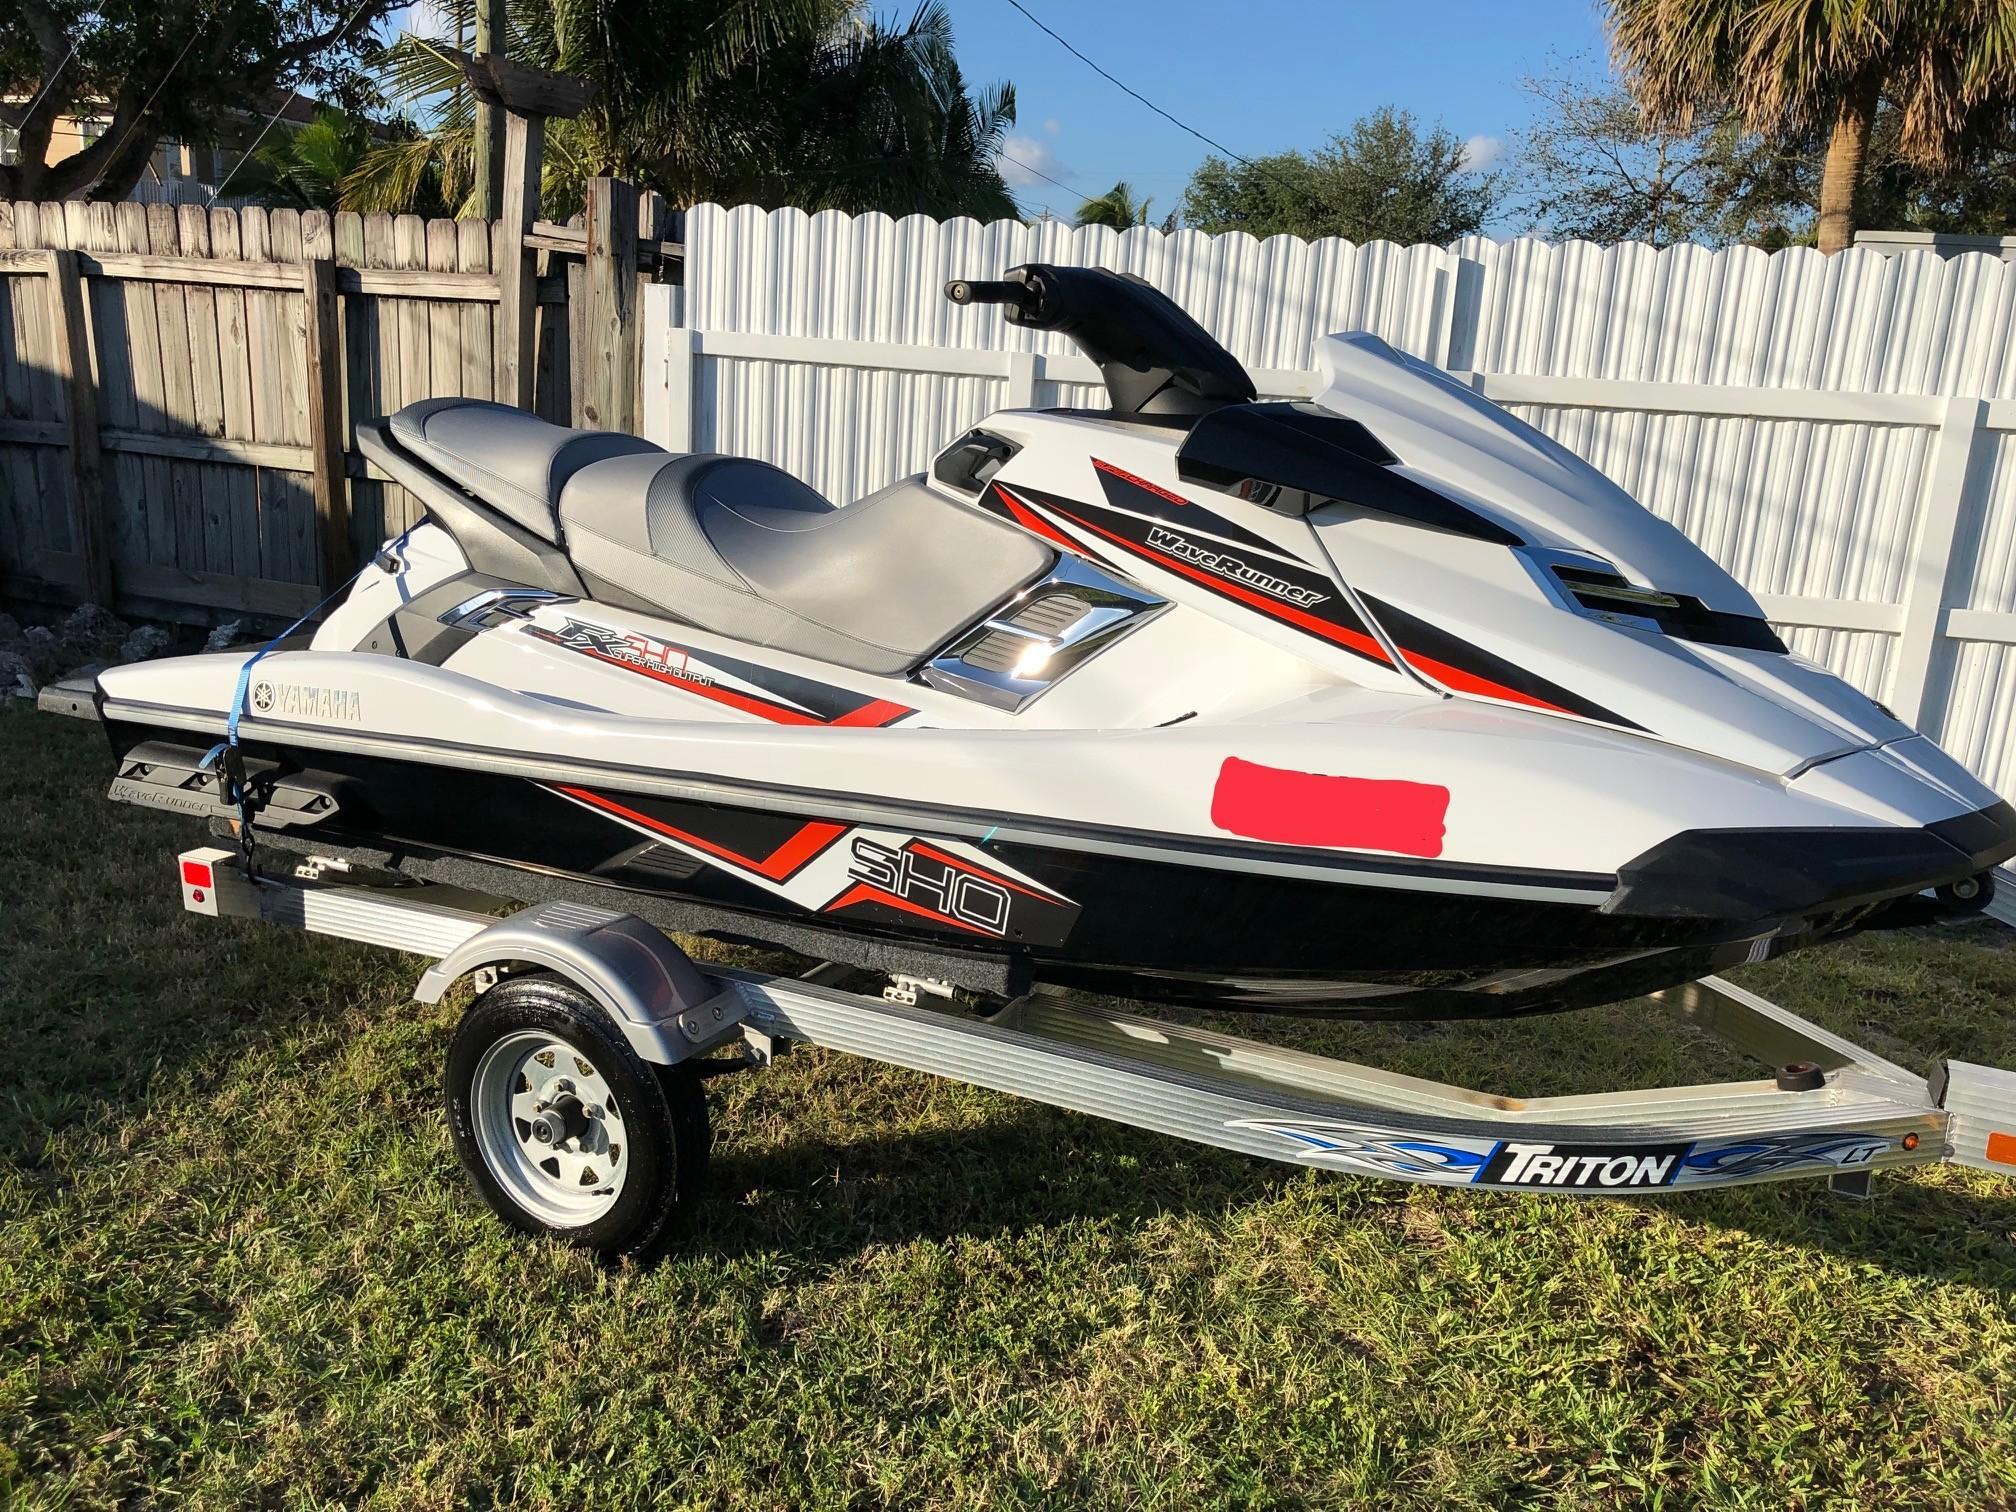 Yamaha Waverunner For Sale >> Yamaha Waverunner Boats For Sale Yachtworld